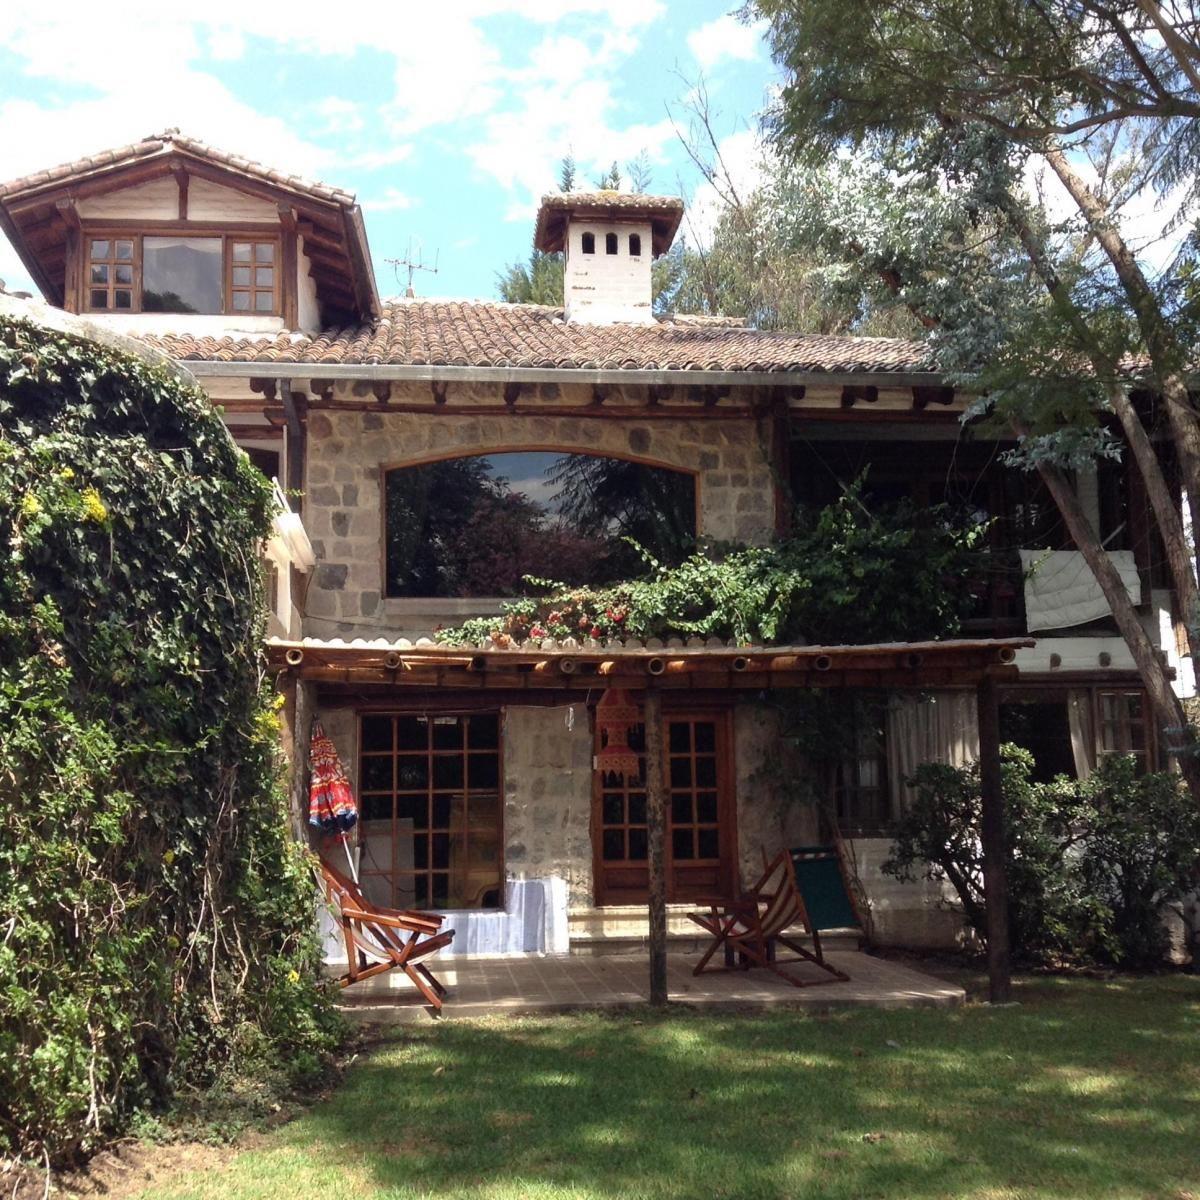 Casa grande y c moda con jardines rboles frutales 4 for Casas con jardin grande